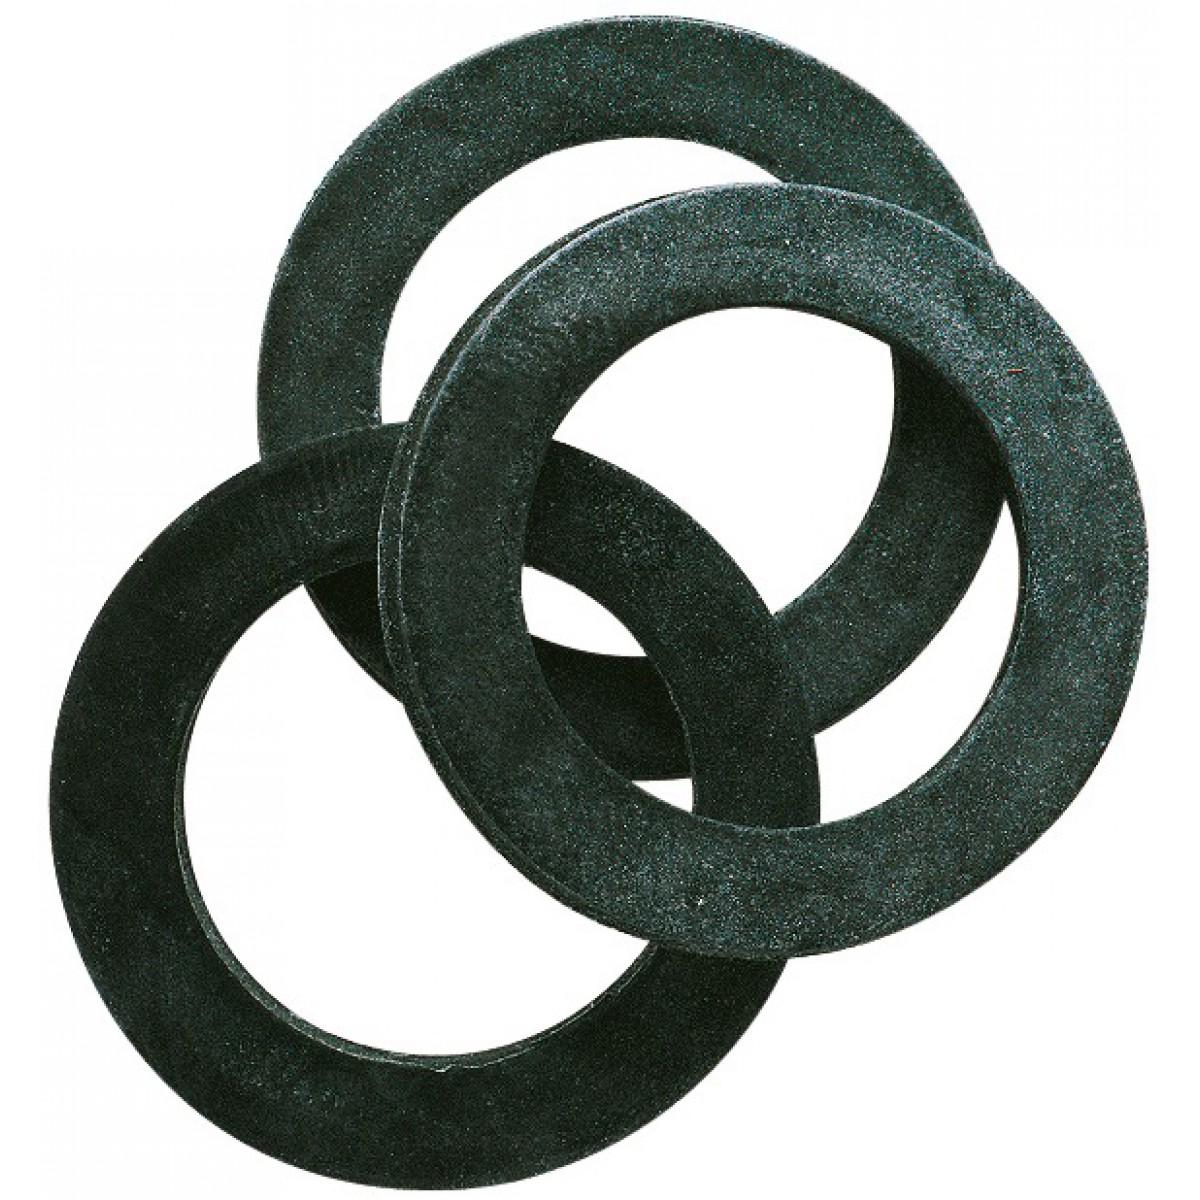 Joint caoutchouc EPDM - Filetage 24 x 31 mm - Vendu par 7